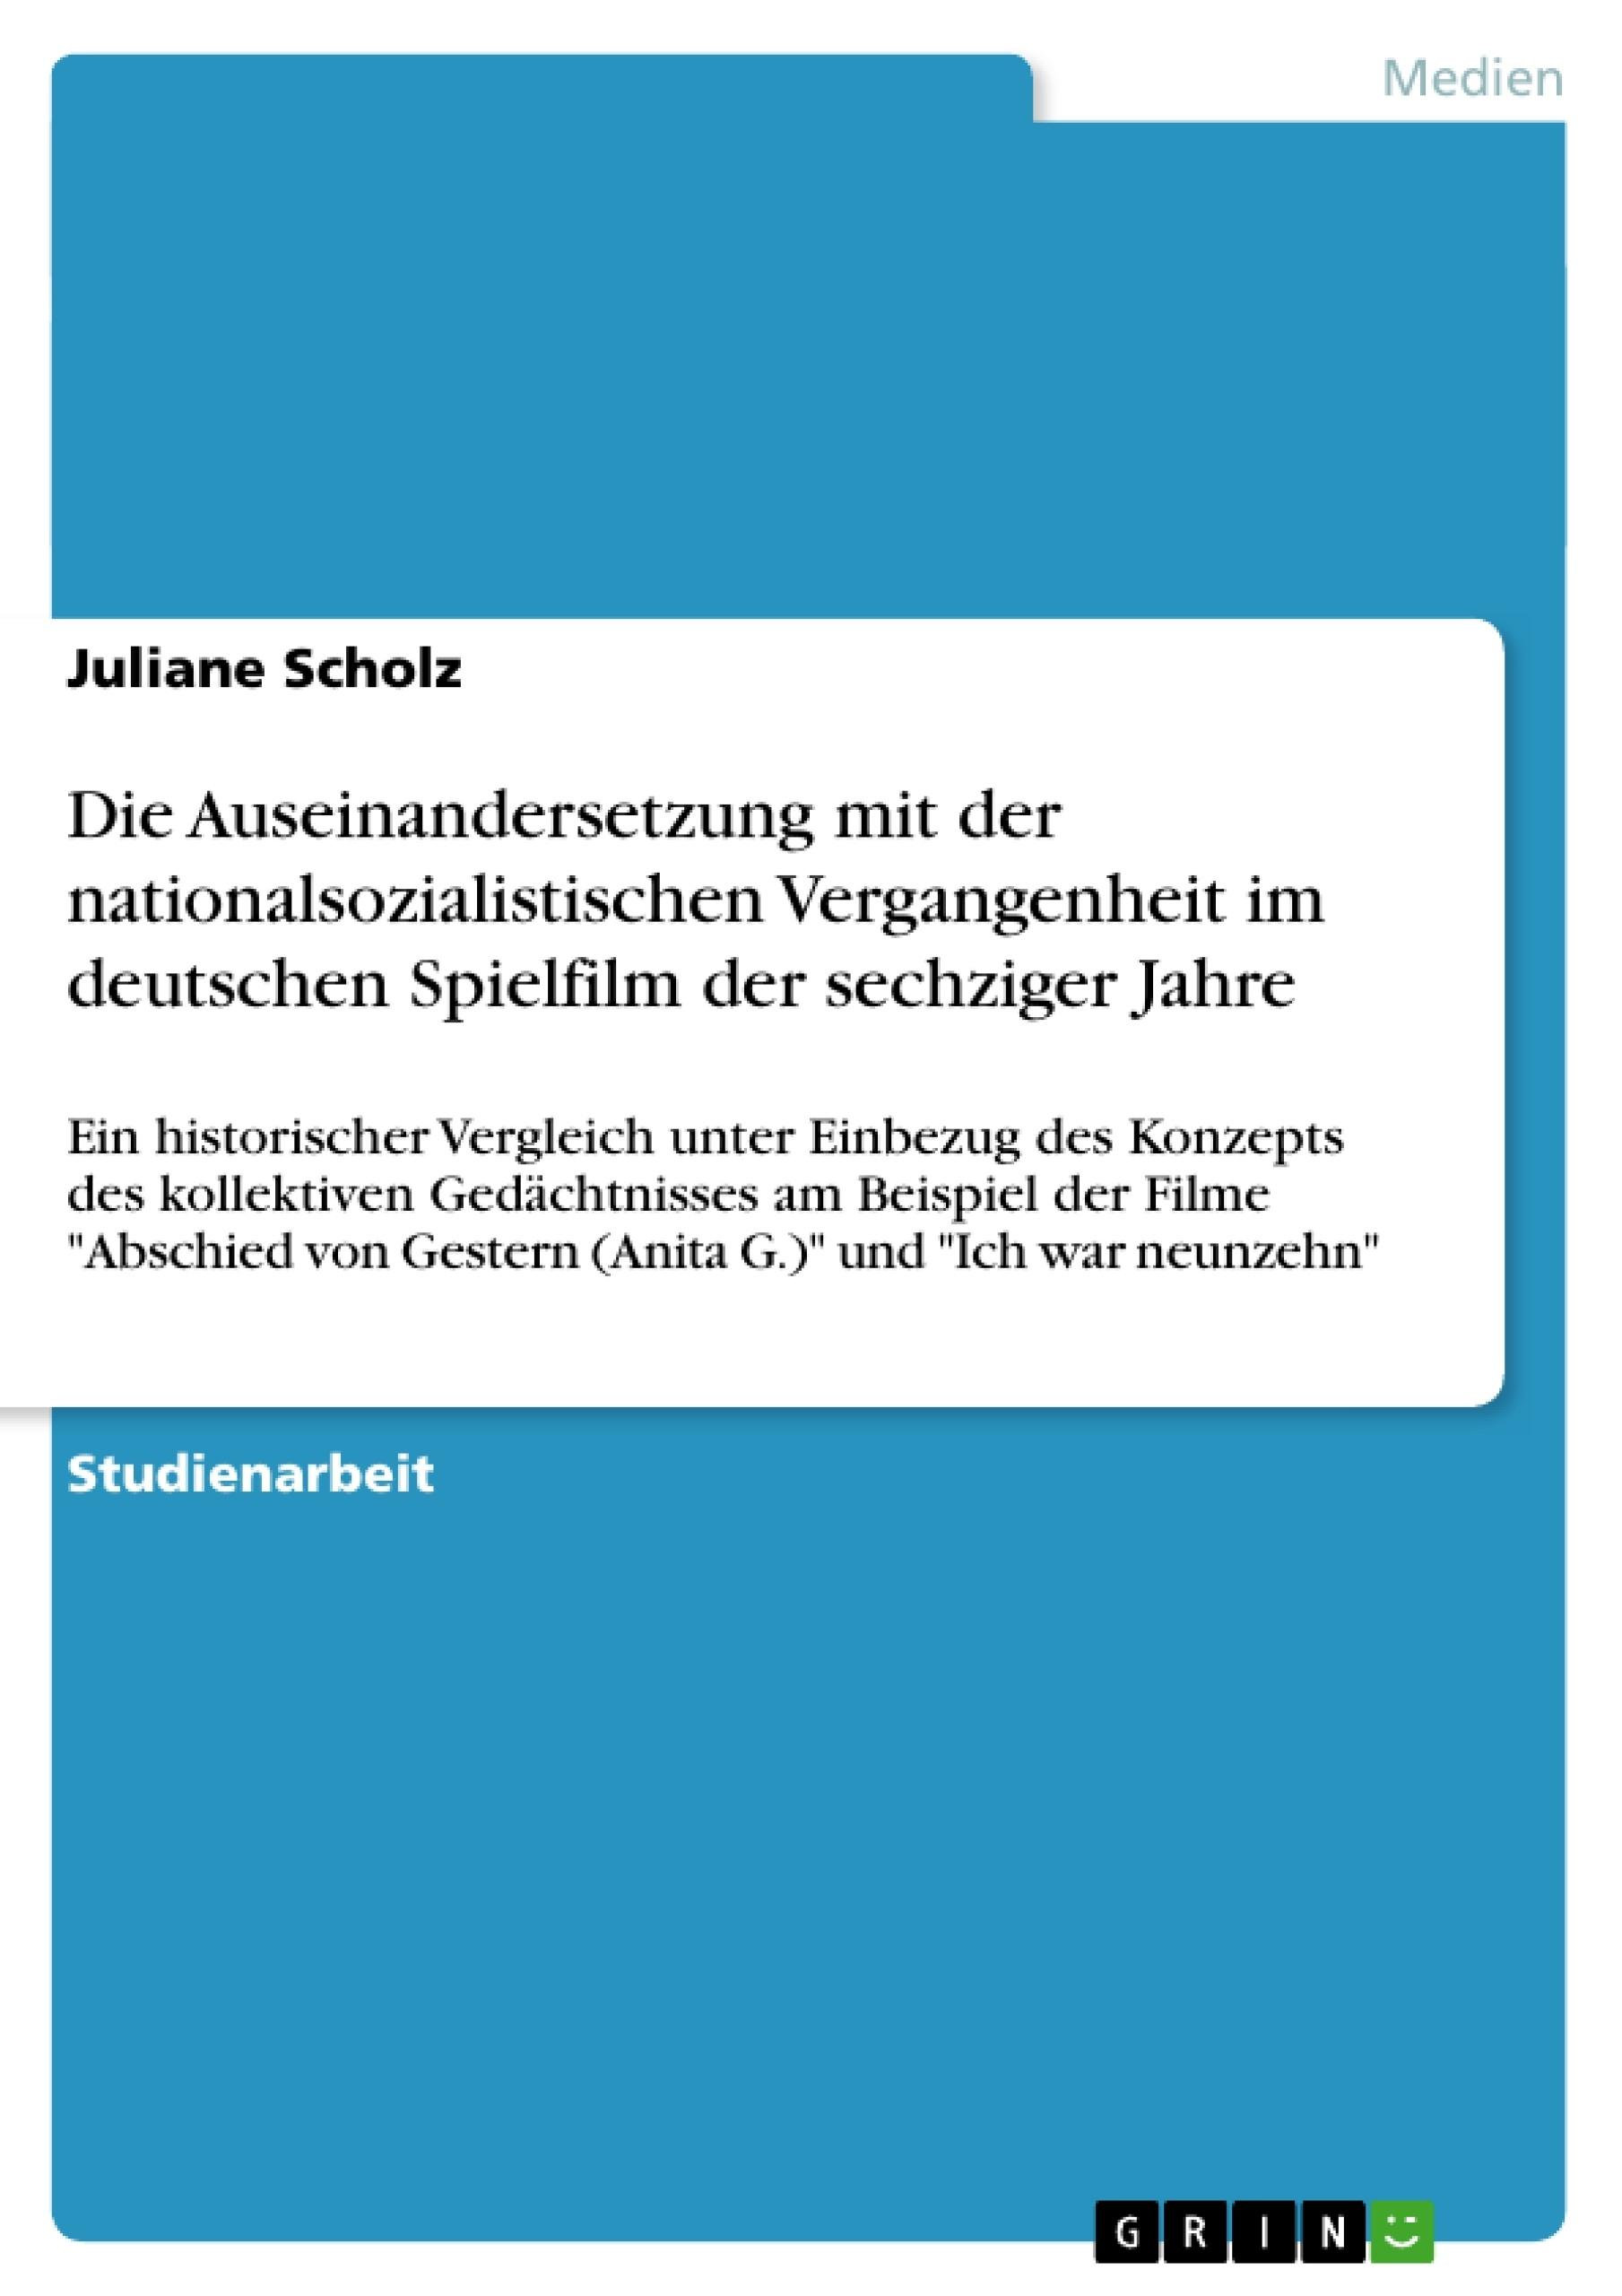 Titel: Die Auseinandersetzung mit der nationalsozialistischen Vergangenheit im deutschen Spielfilm der sechziger Jahre